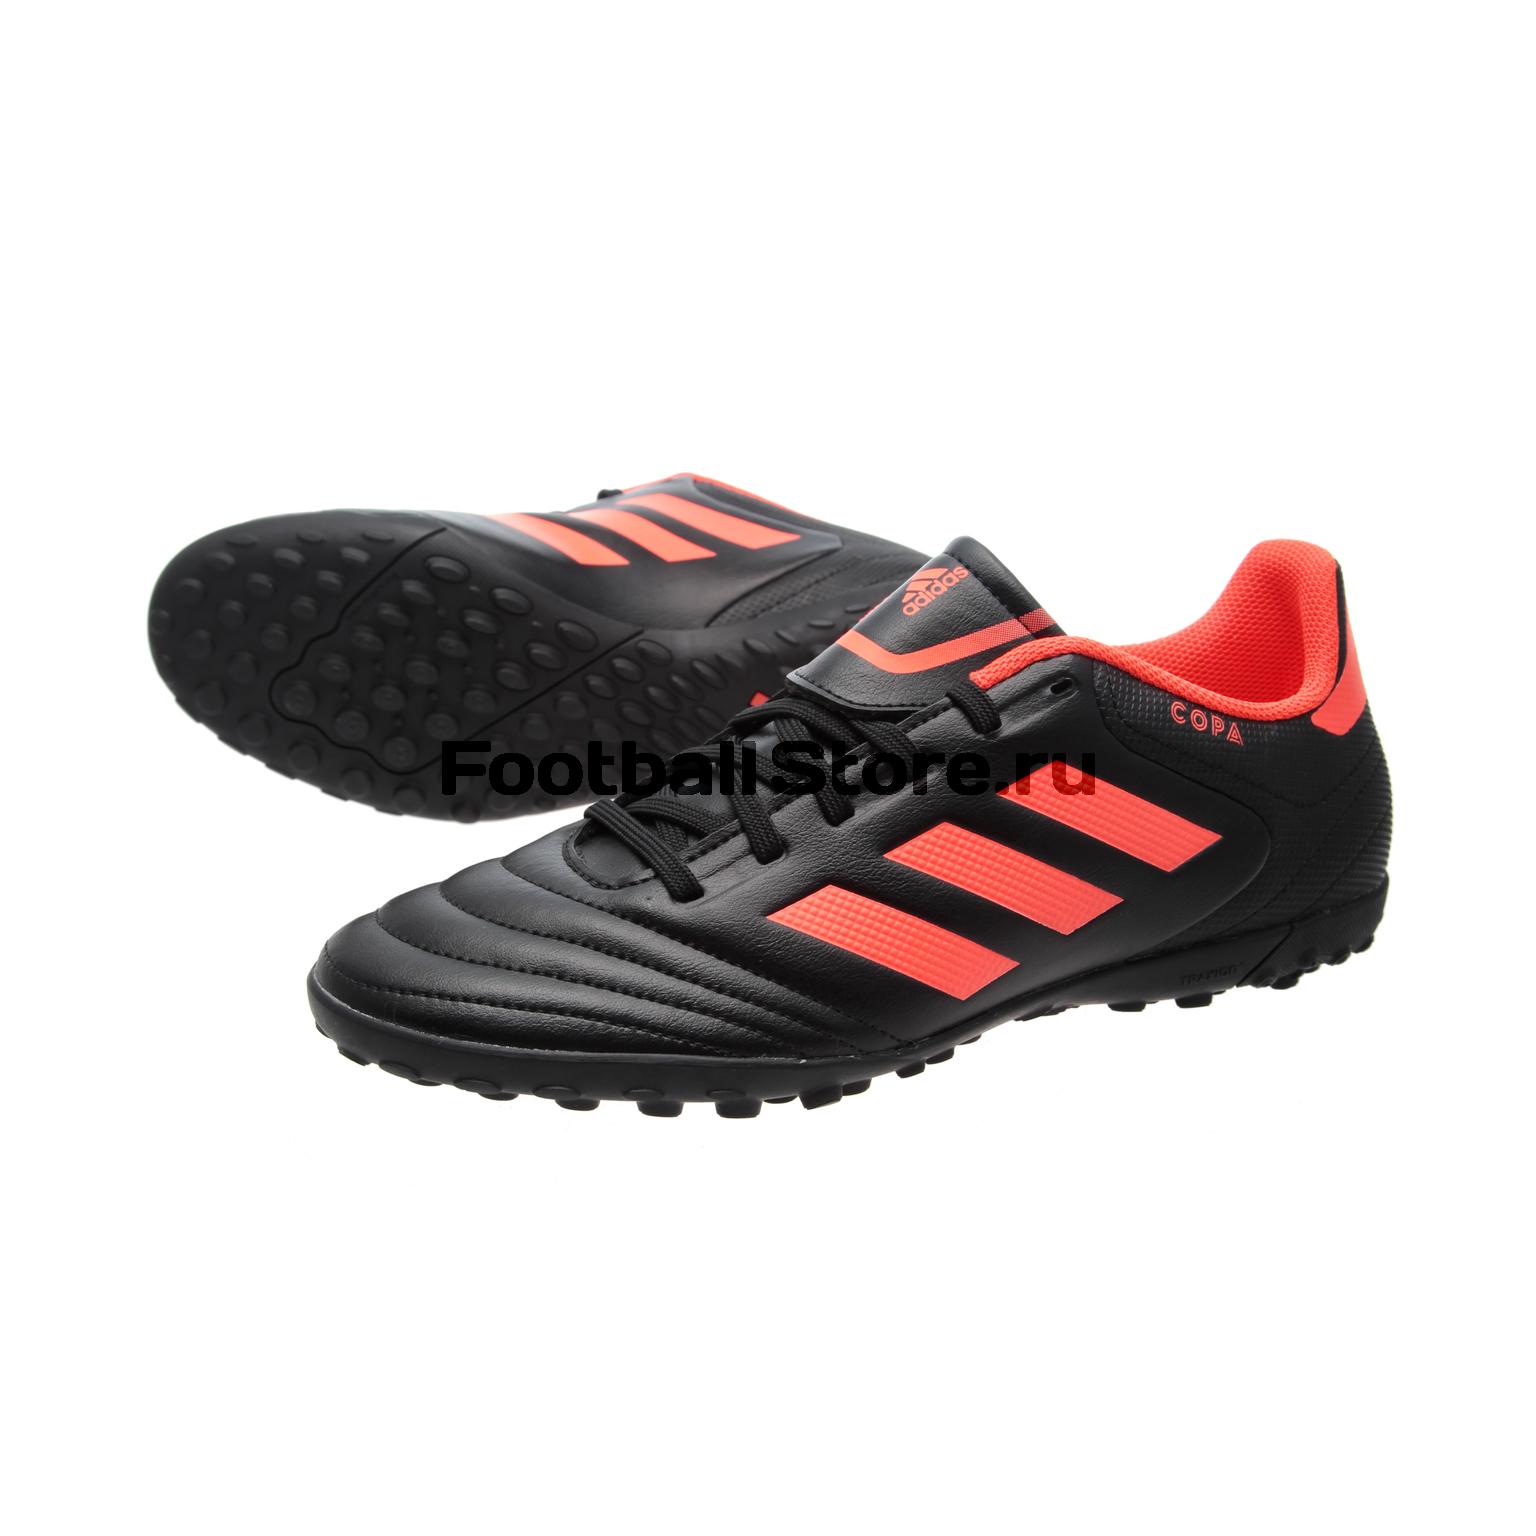 Шиповки Adidas Шиповки Adidas Copa 17.4 TF S77157 шиповки asics шиповки sonicsprint elite